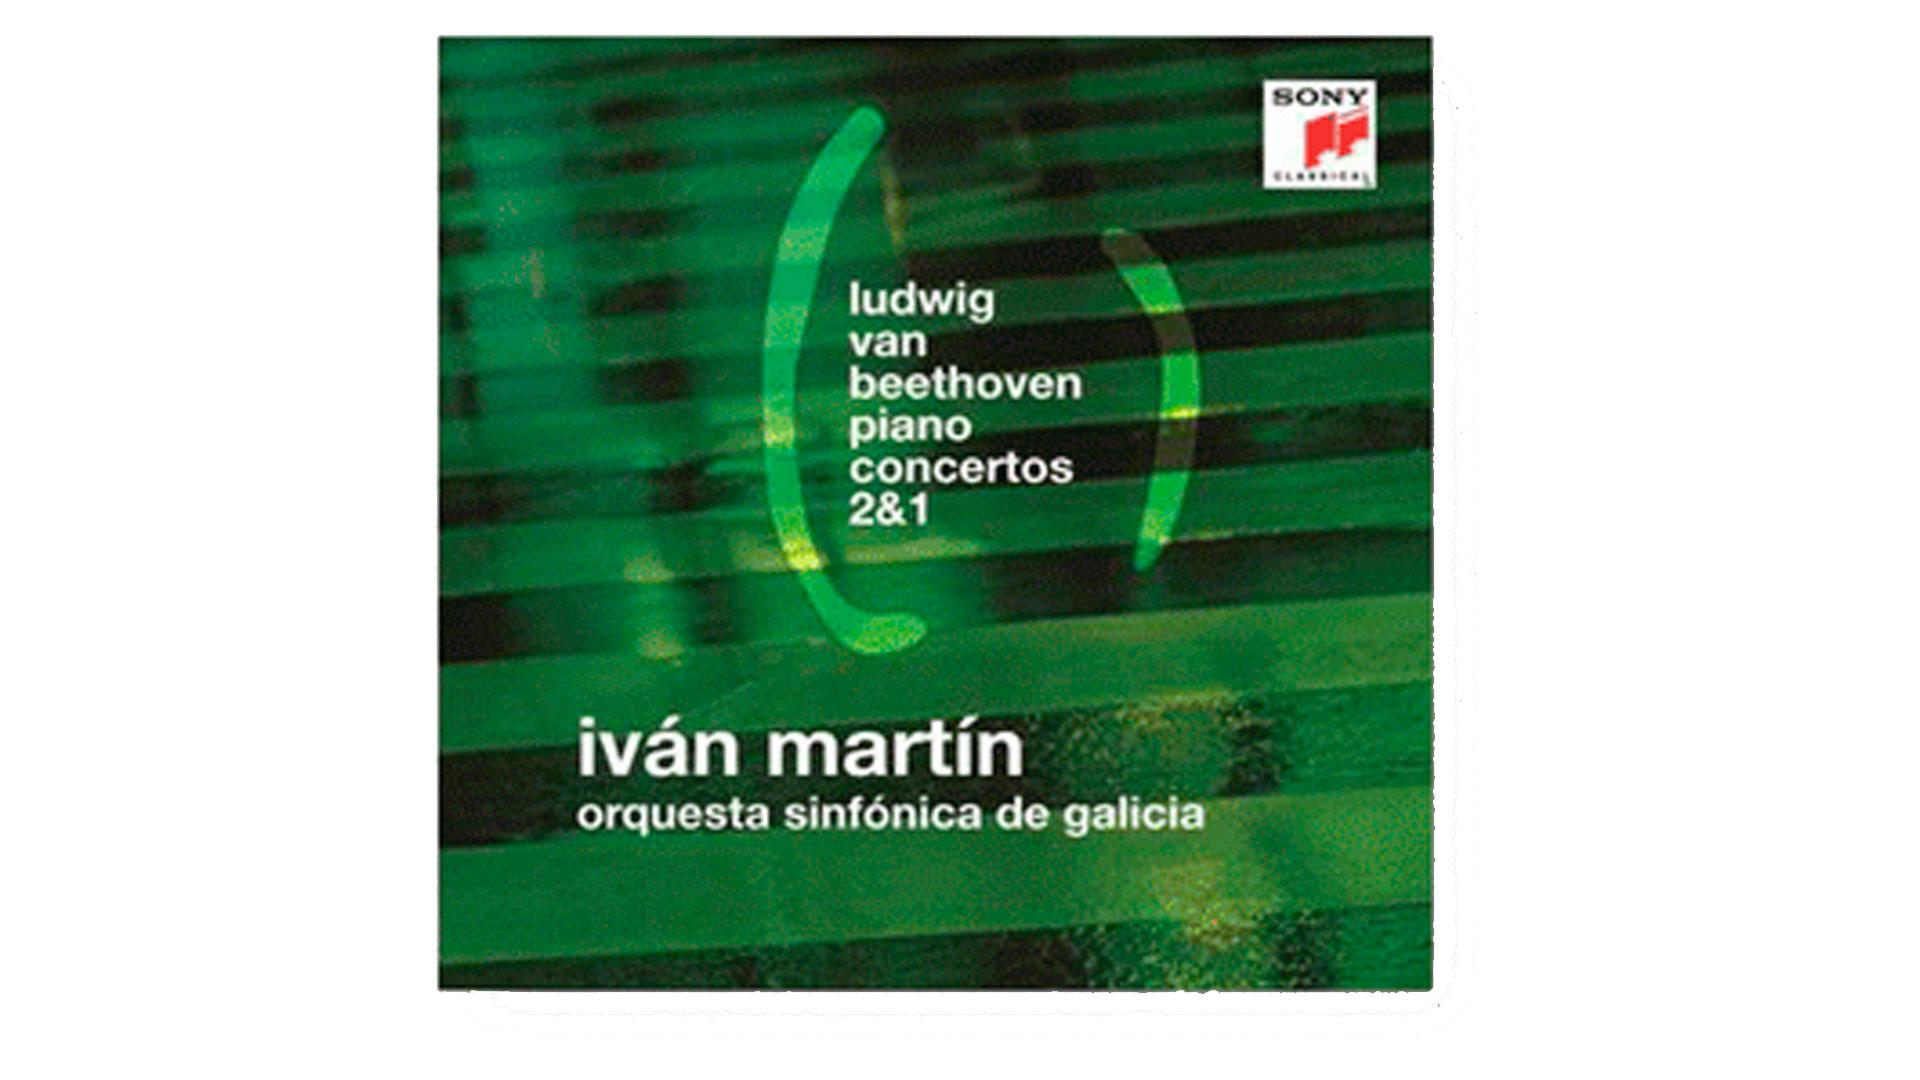 La Orquesta Sinfónica de Galicia entra en el catálogo de Sony con un disco dedicado a los conciertos nº 1 y 2 de Beethoven con Iván Martín como solista y director